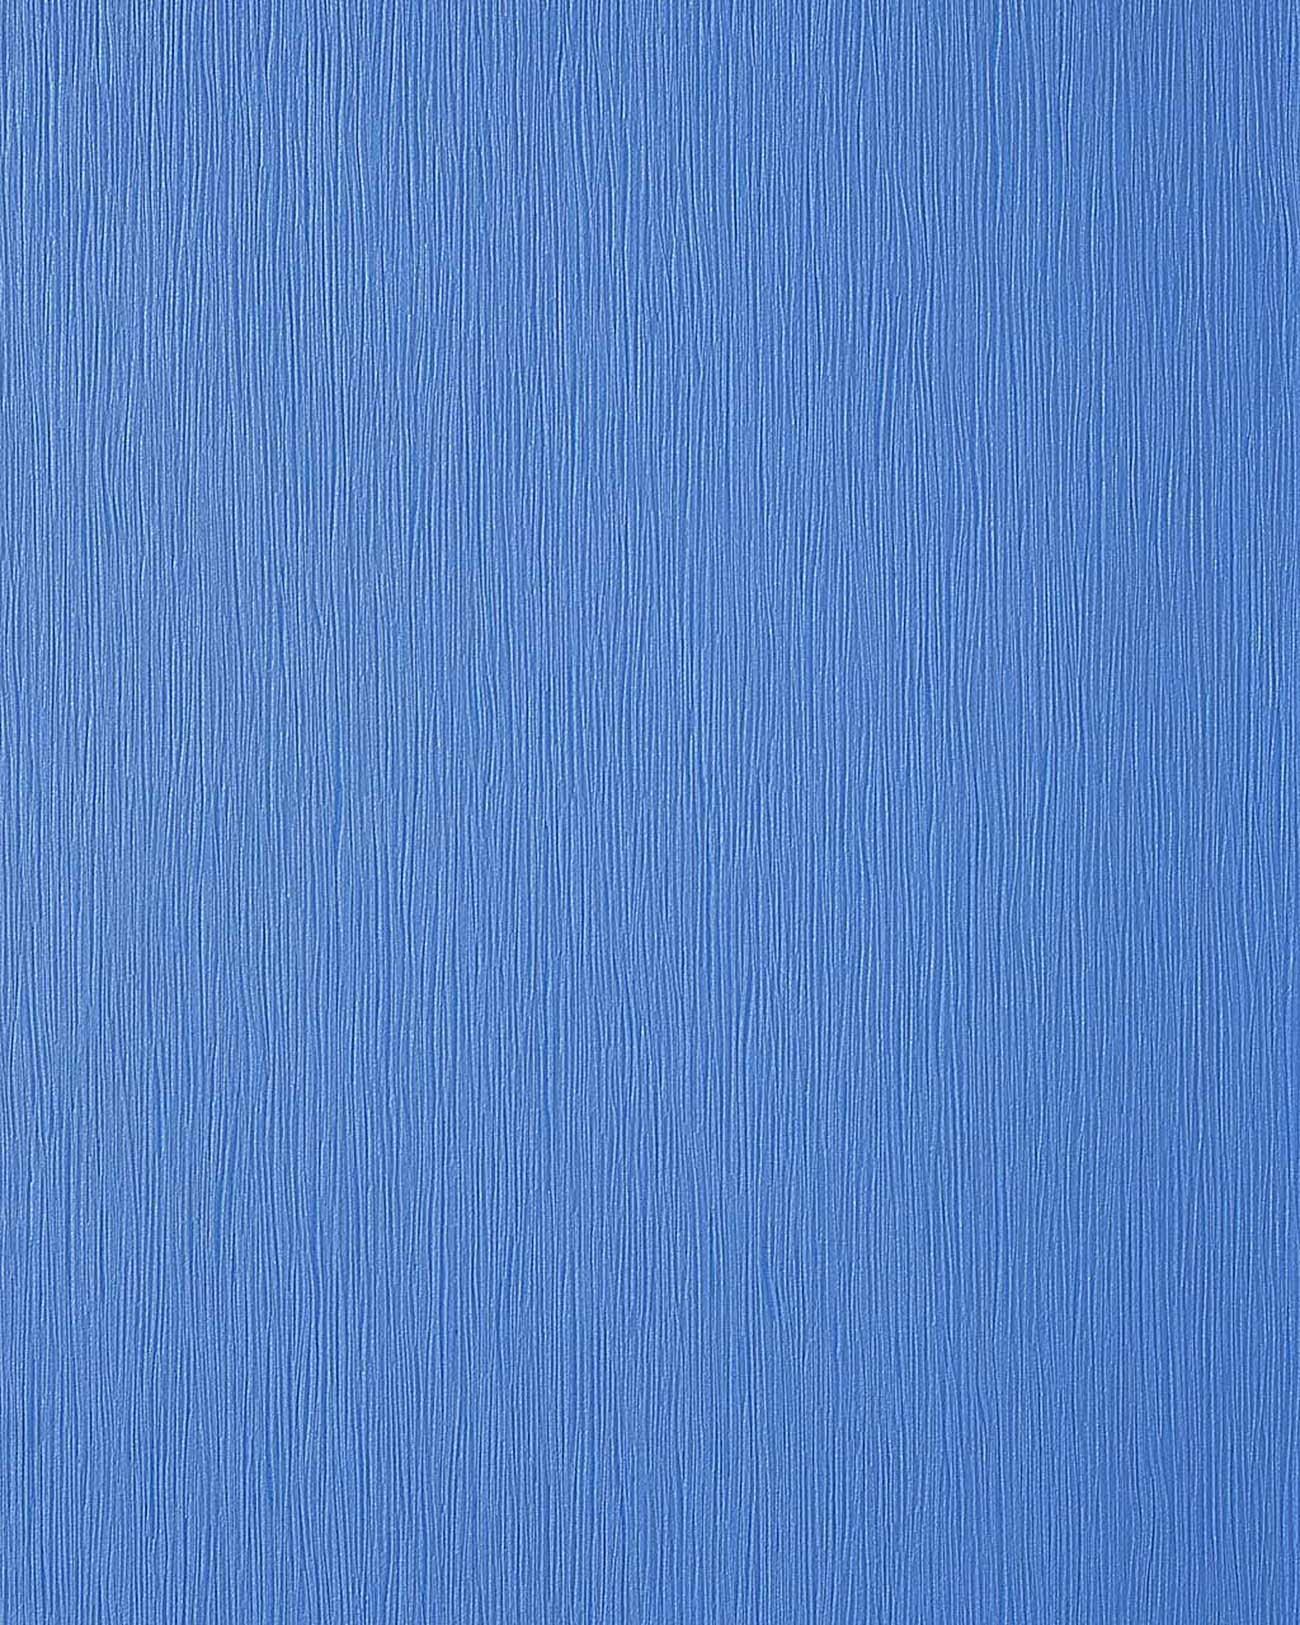 Tapete Violett Gestreift : EDEM 118-22 Tapete gestreift Vinyltapete gute Laune Farbe blau-violett